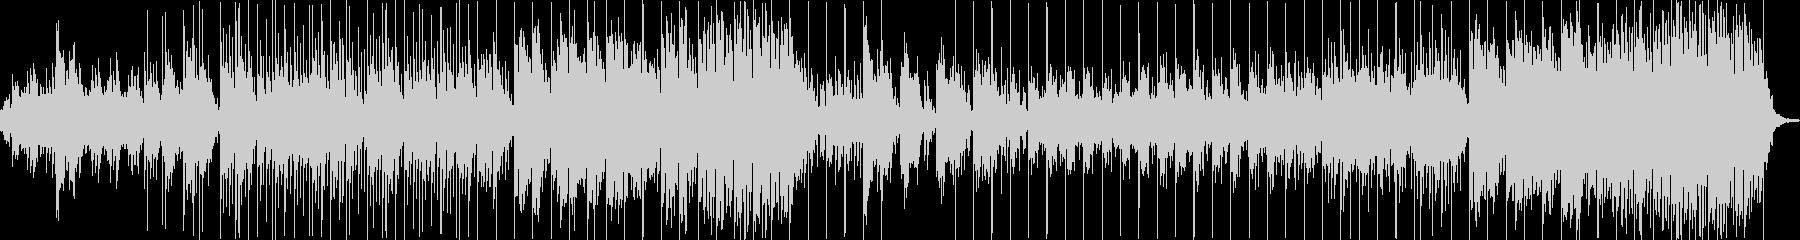 メロディの綺麗なオルゴール曲オケ伴奏付きの未再生の波形